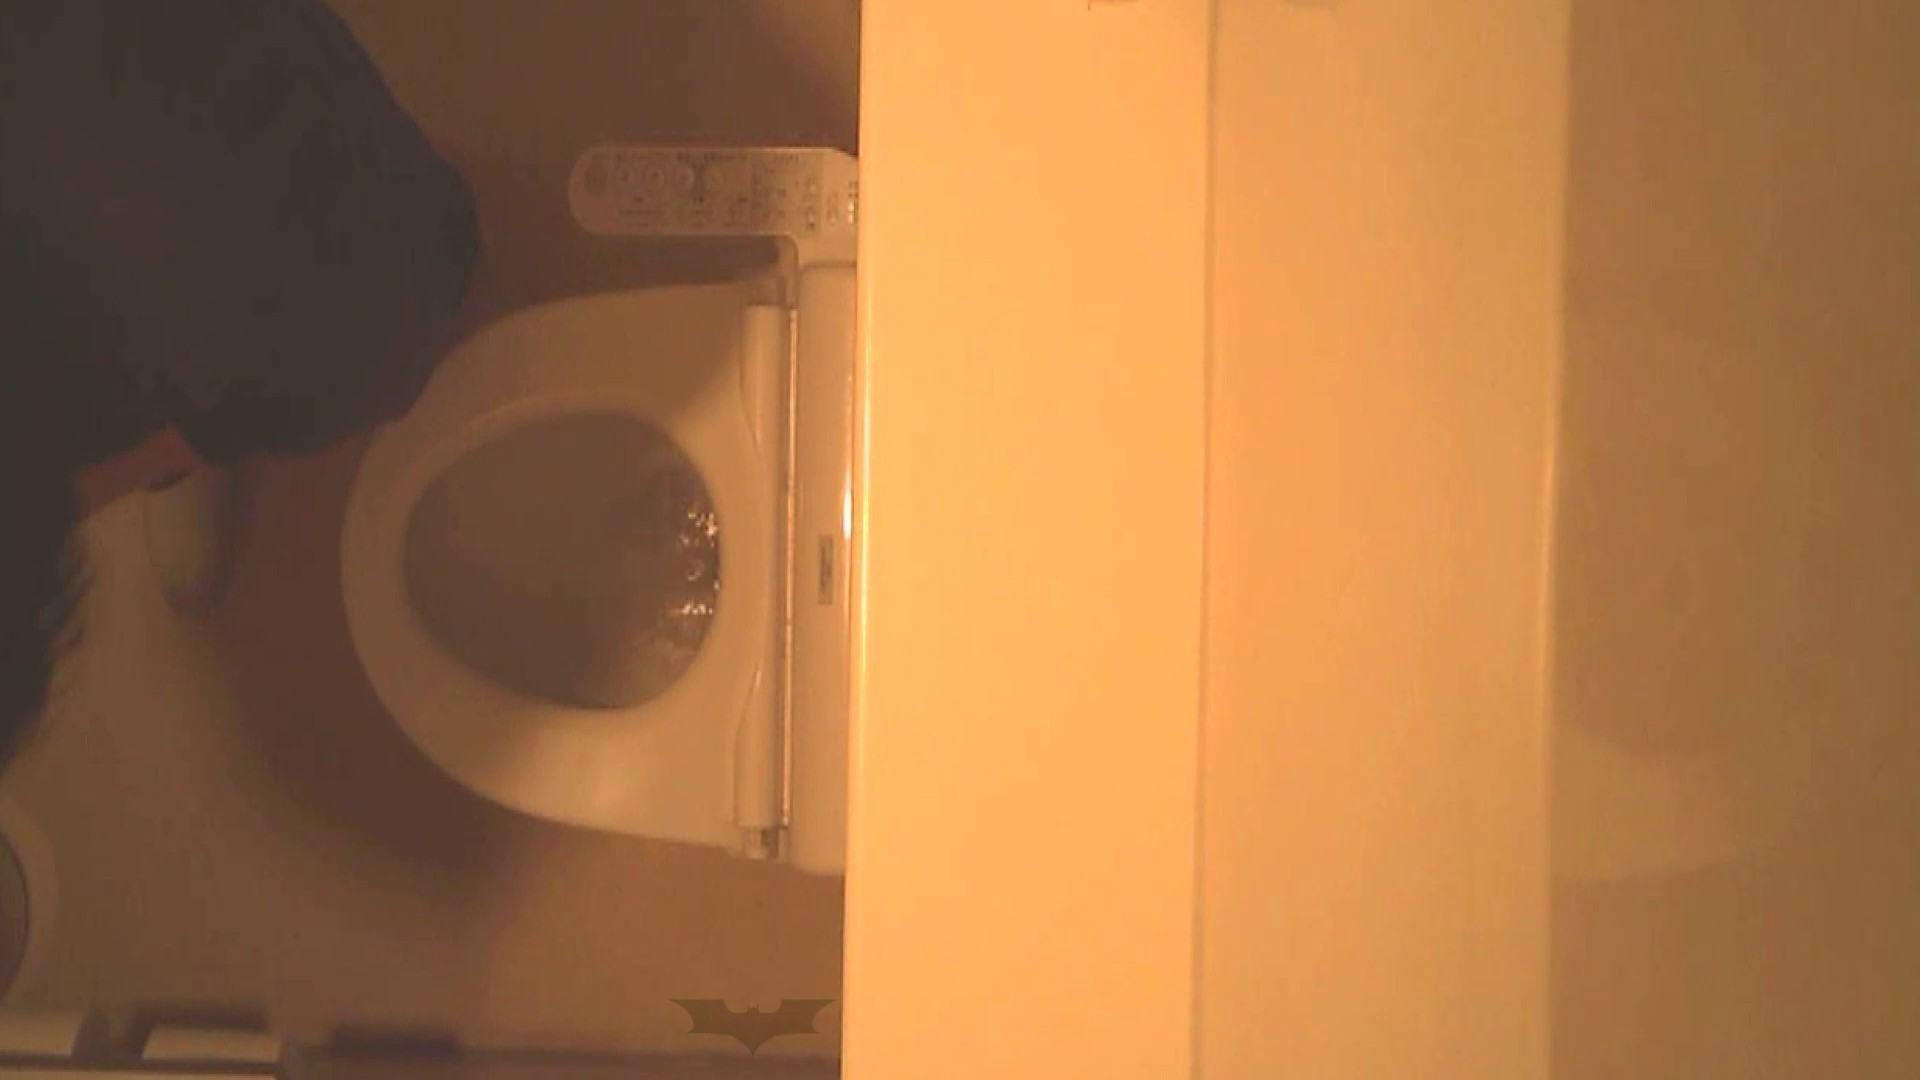 潜入!!全国女子洗面所盗撮 Vol.07 グループ オマンコ無修正動画無料 110画像 63